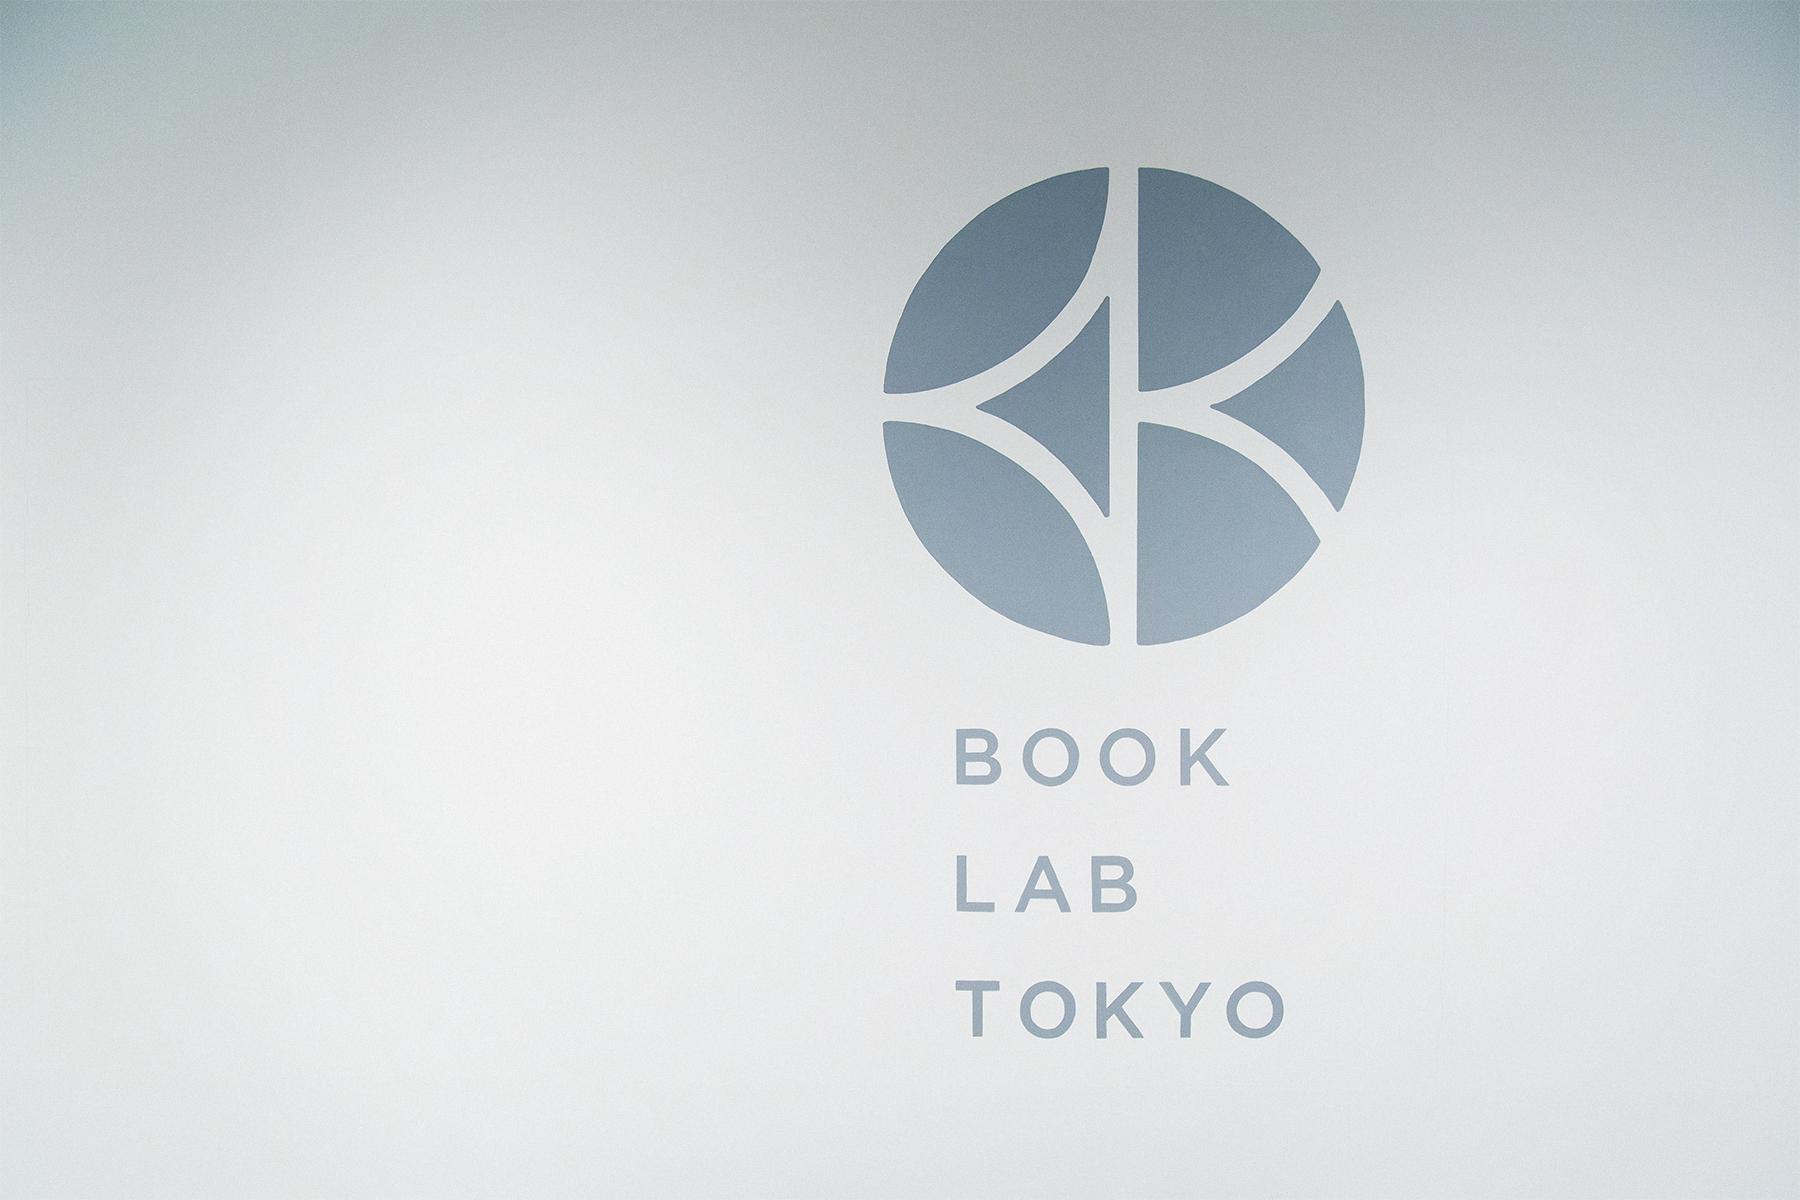 booklabtokyo010